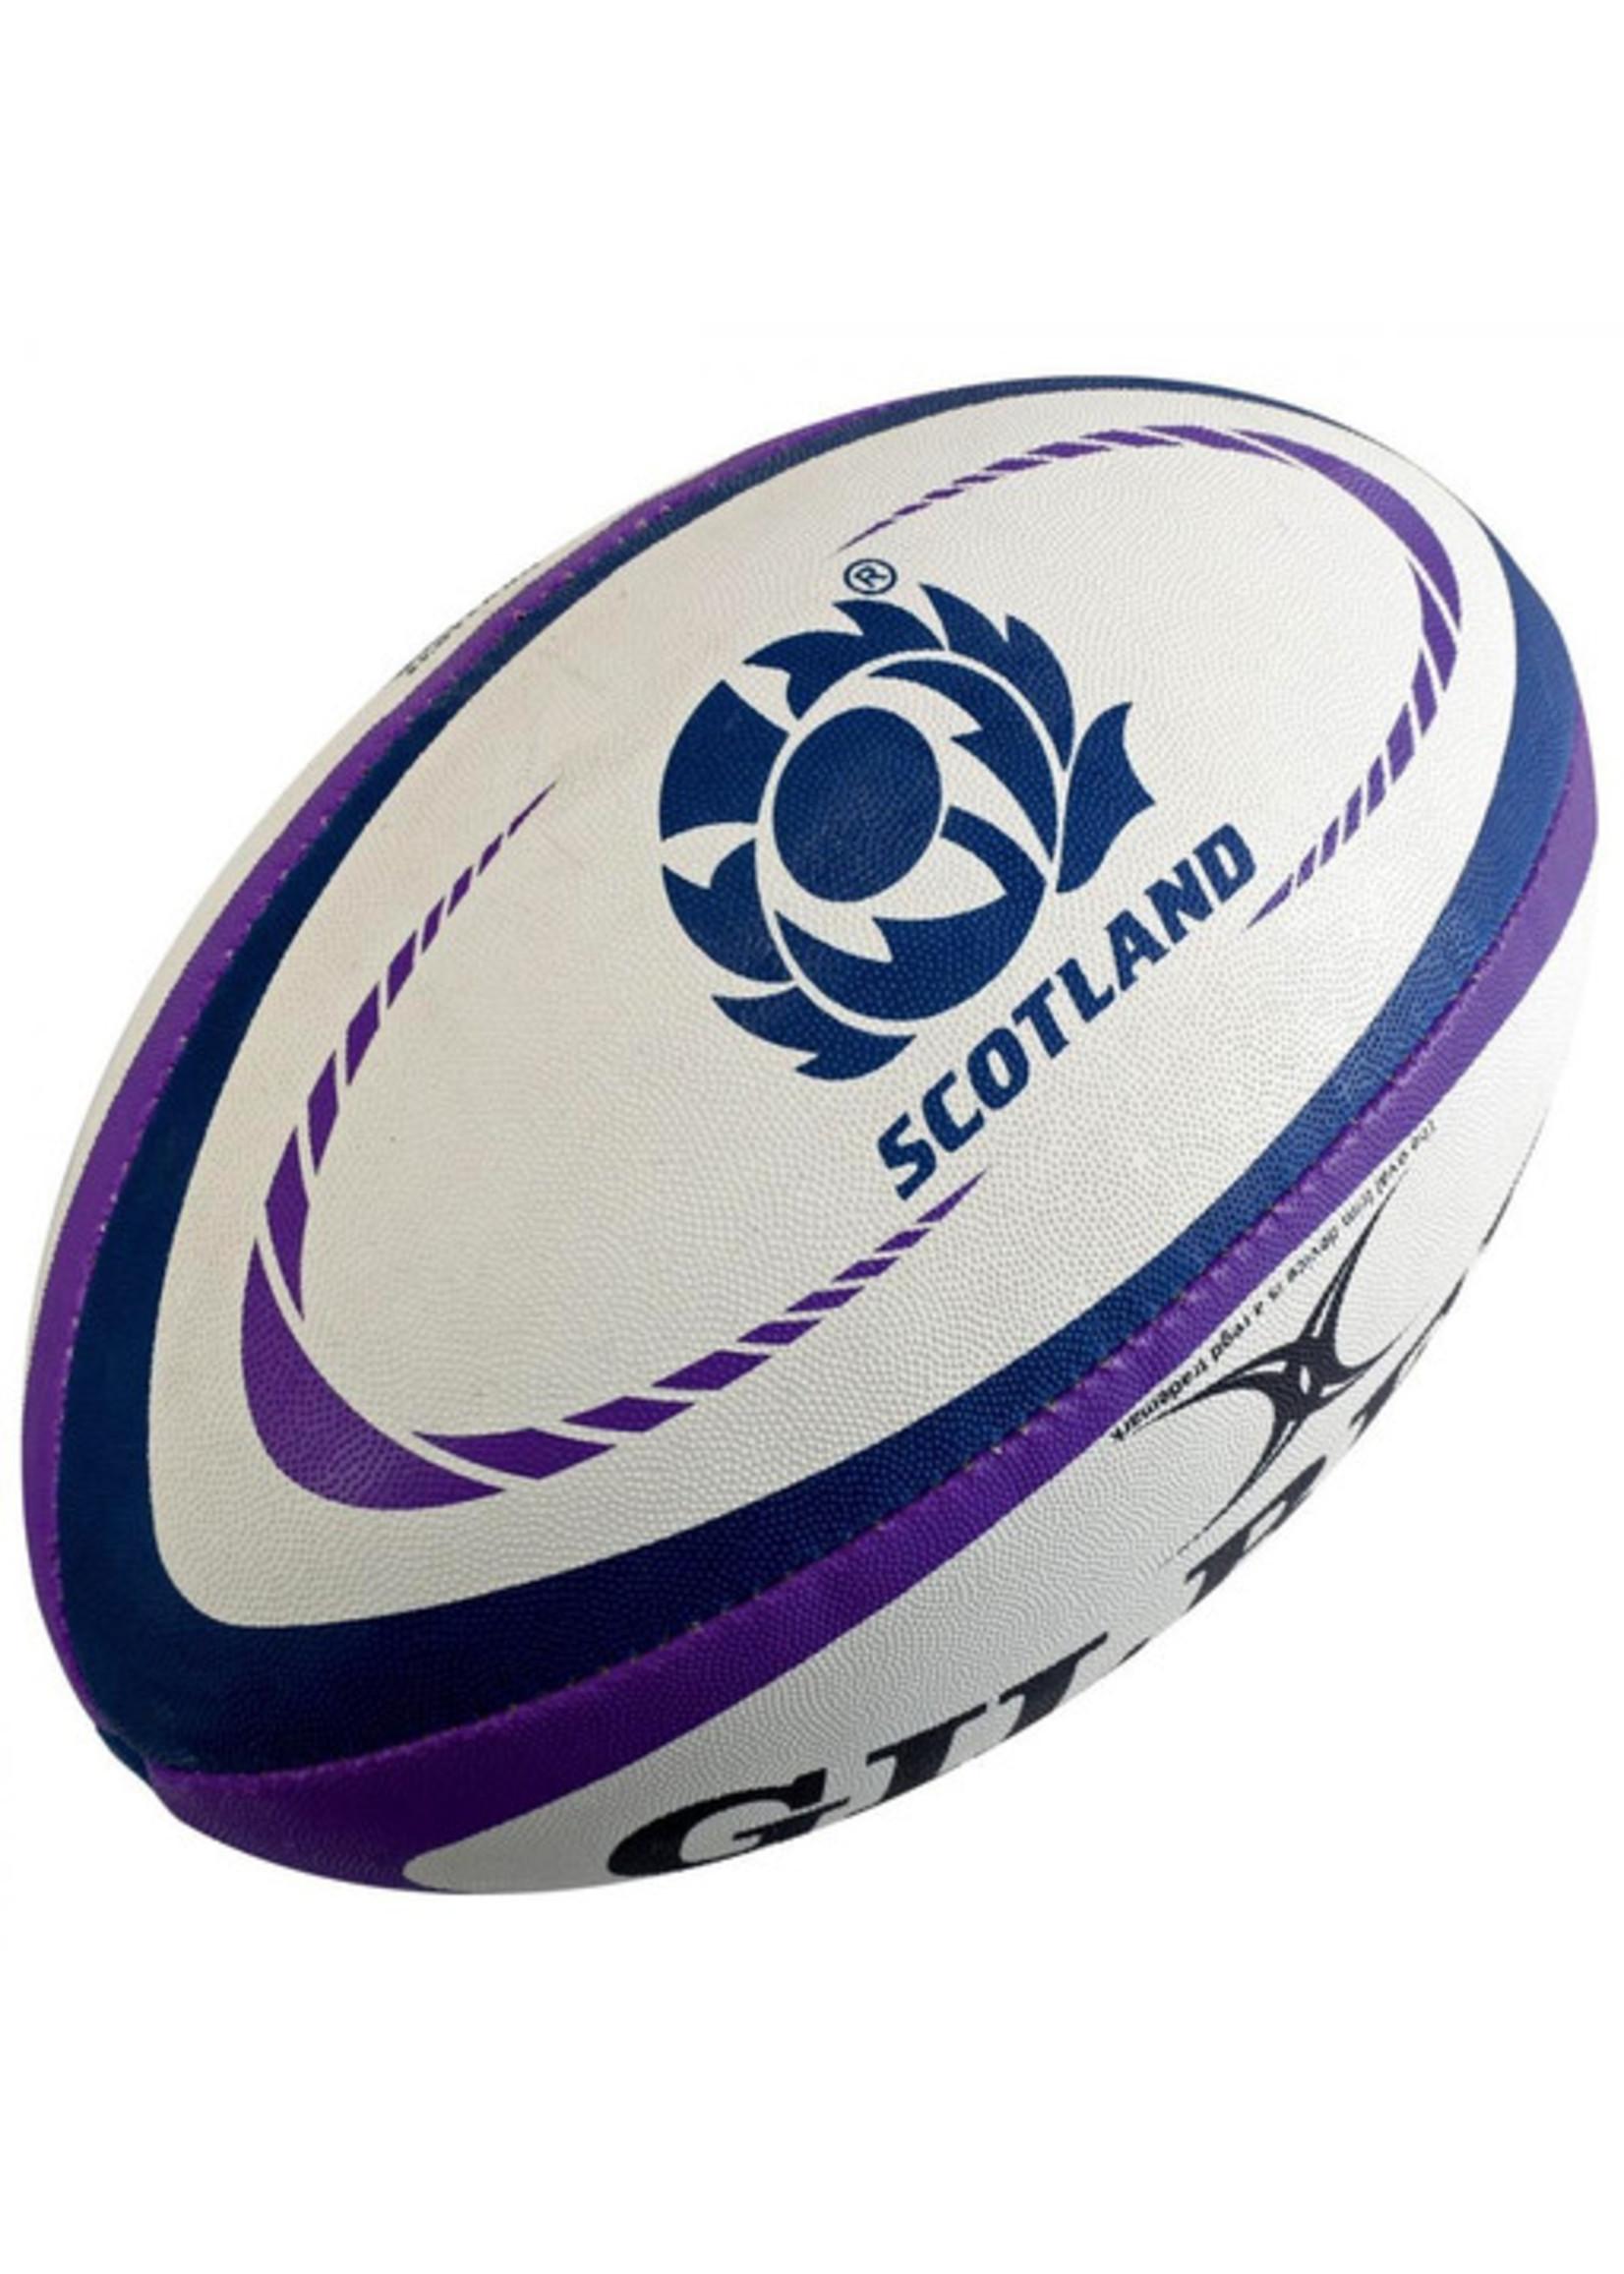 Gilbert Gilbert Mini Official Replica Rugby Ball